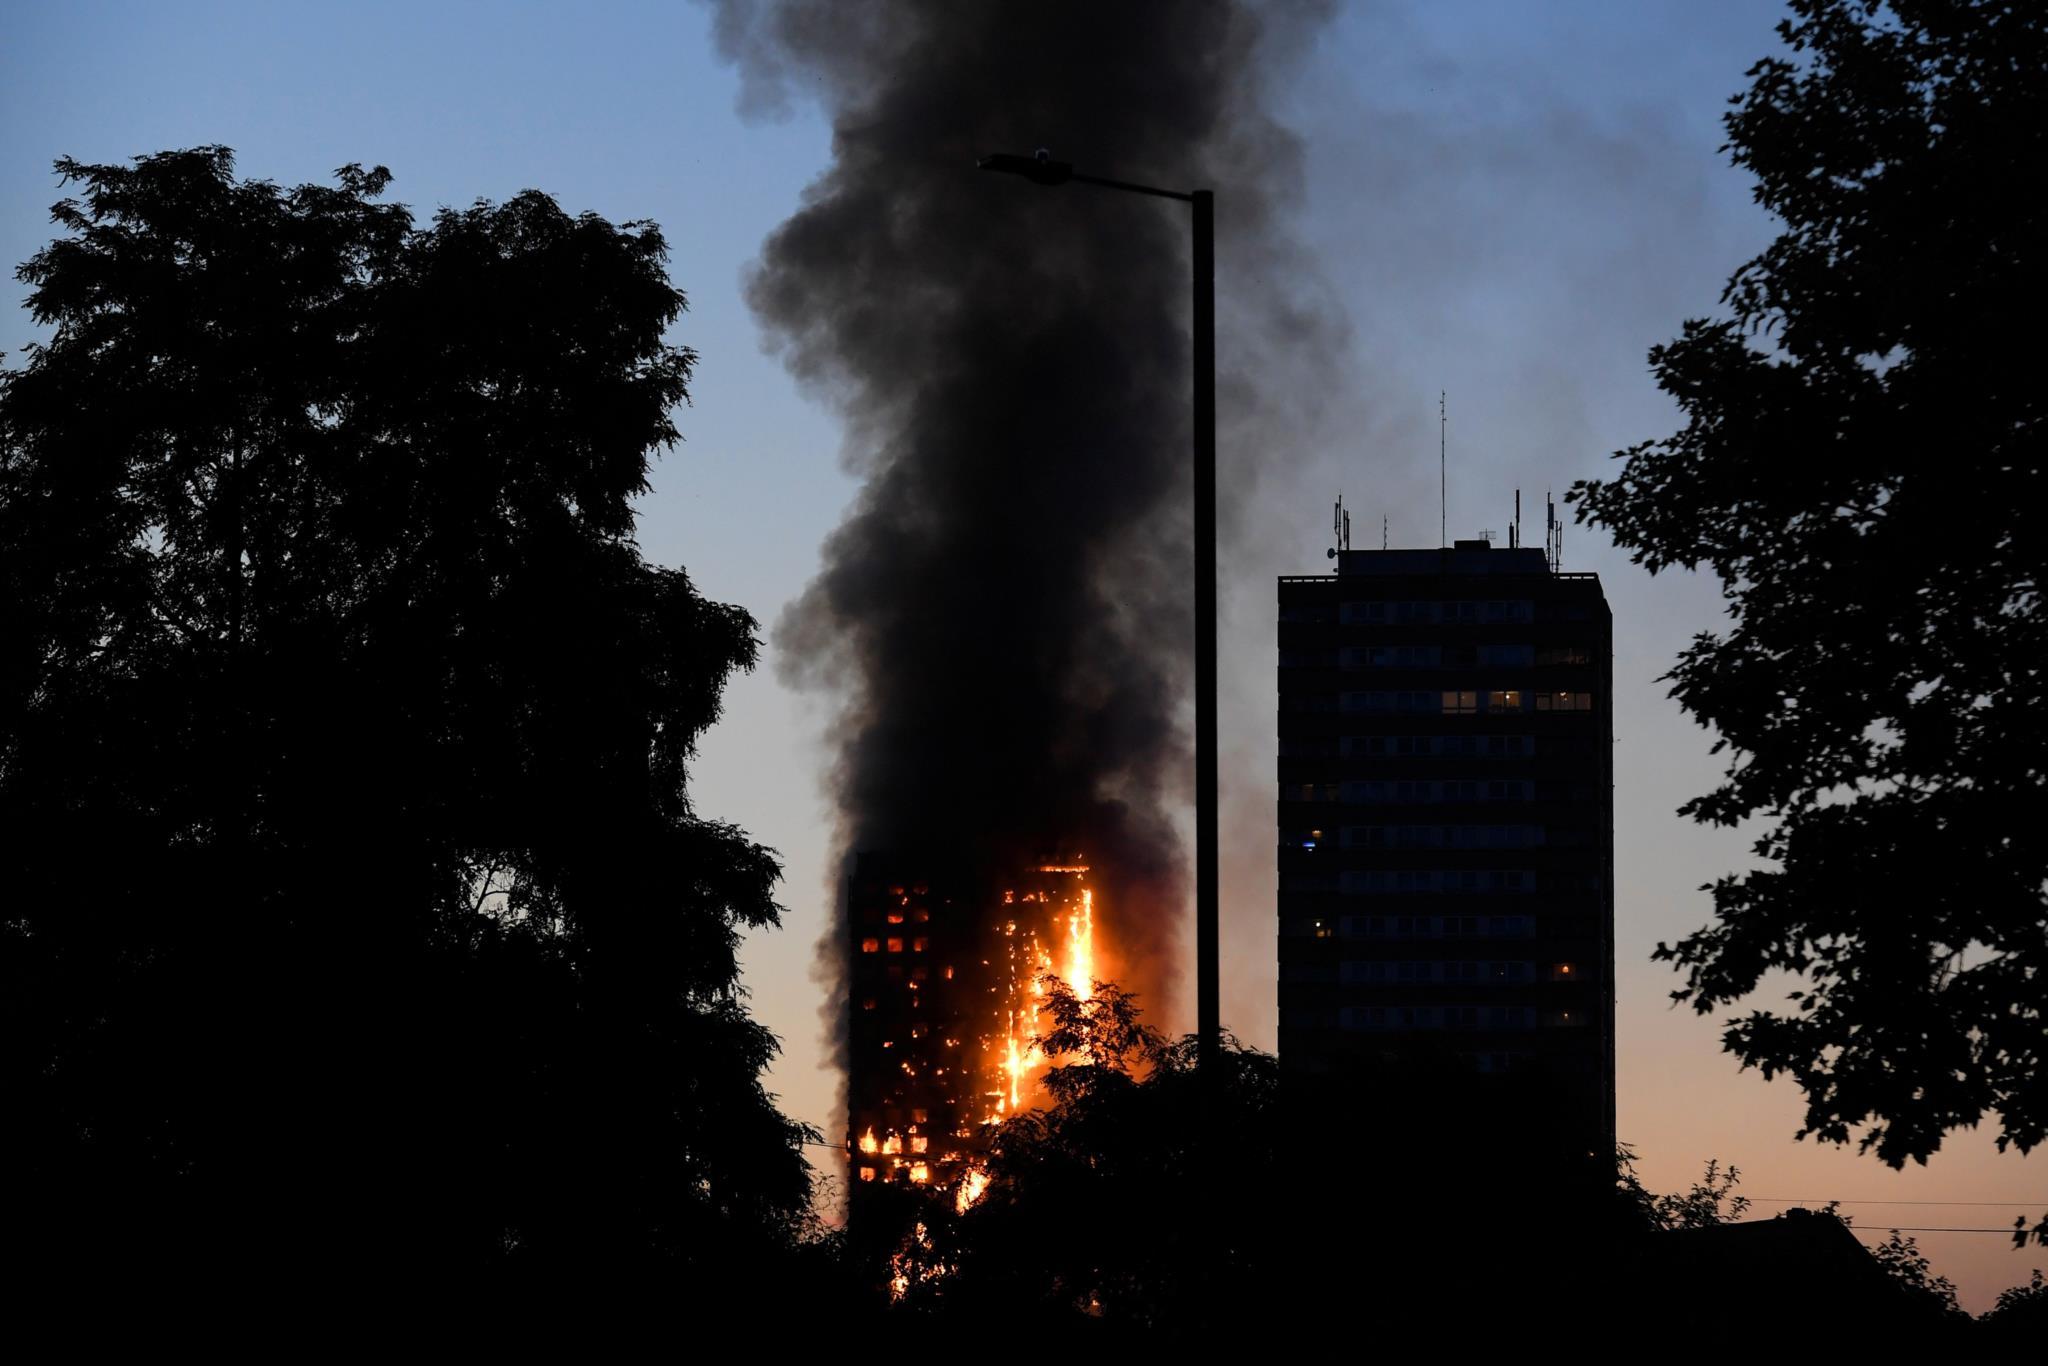 24 andares em chamas: a manhã infernal de Londres